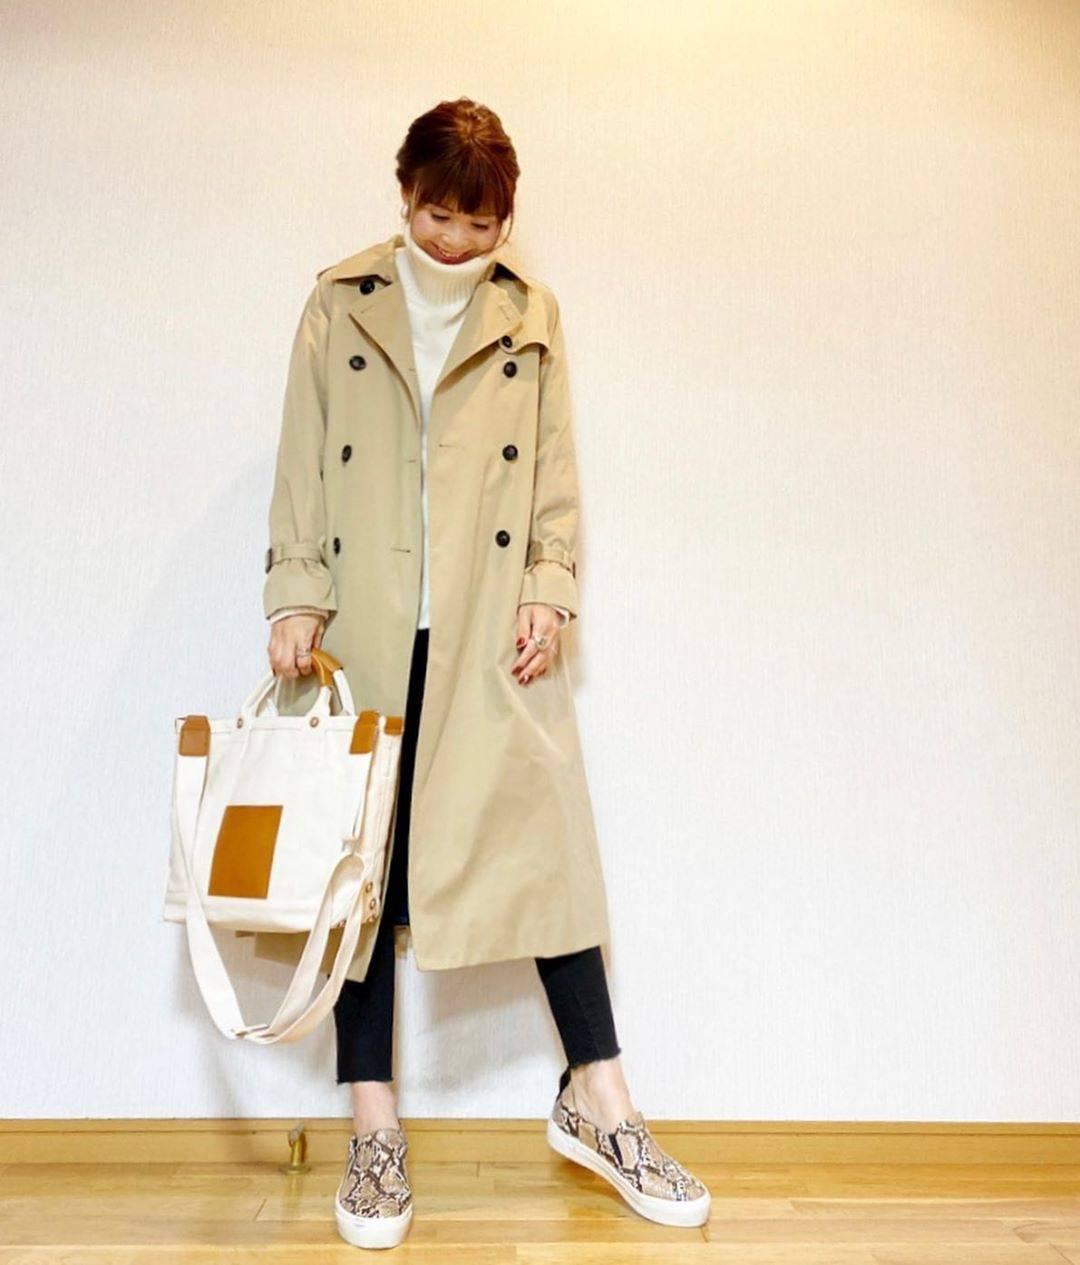 最高気温13度・最低気温9度 acmee.chiyoの服装